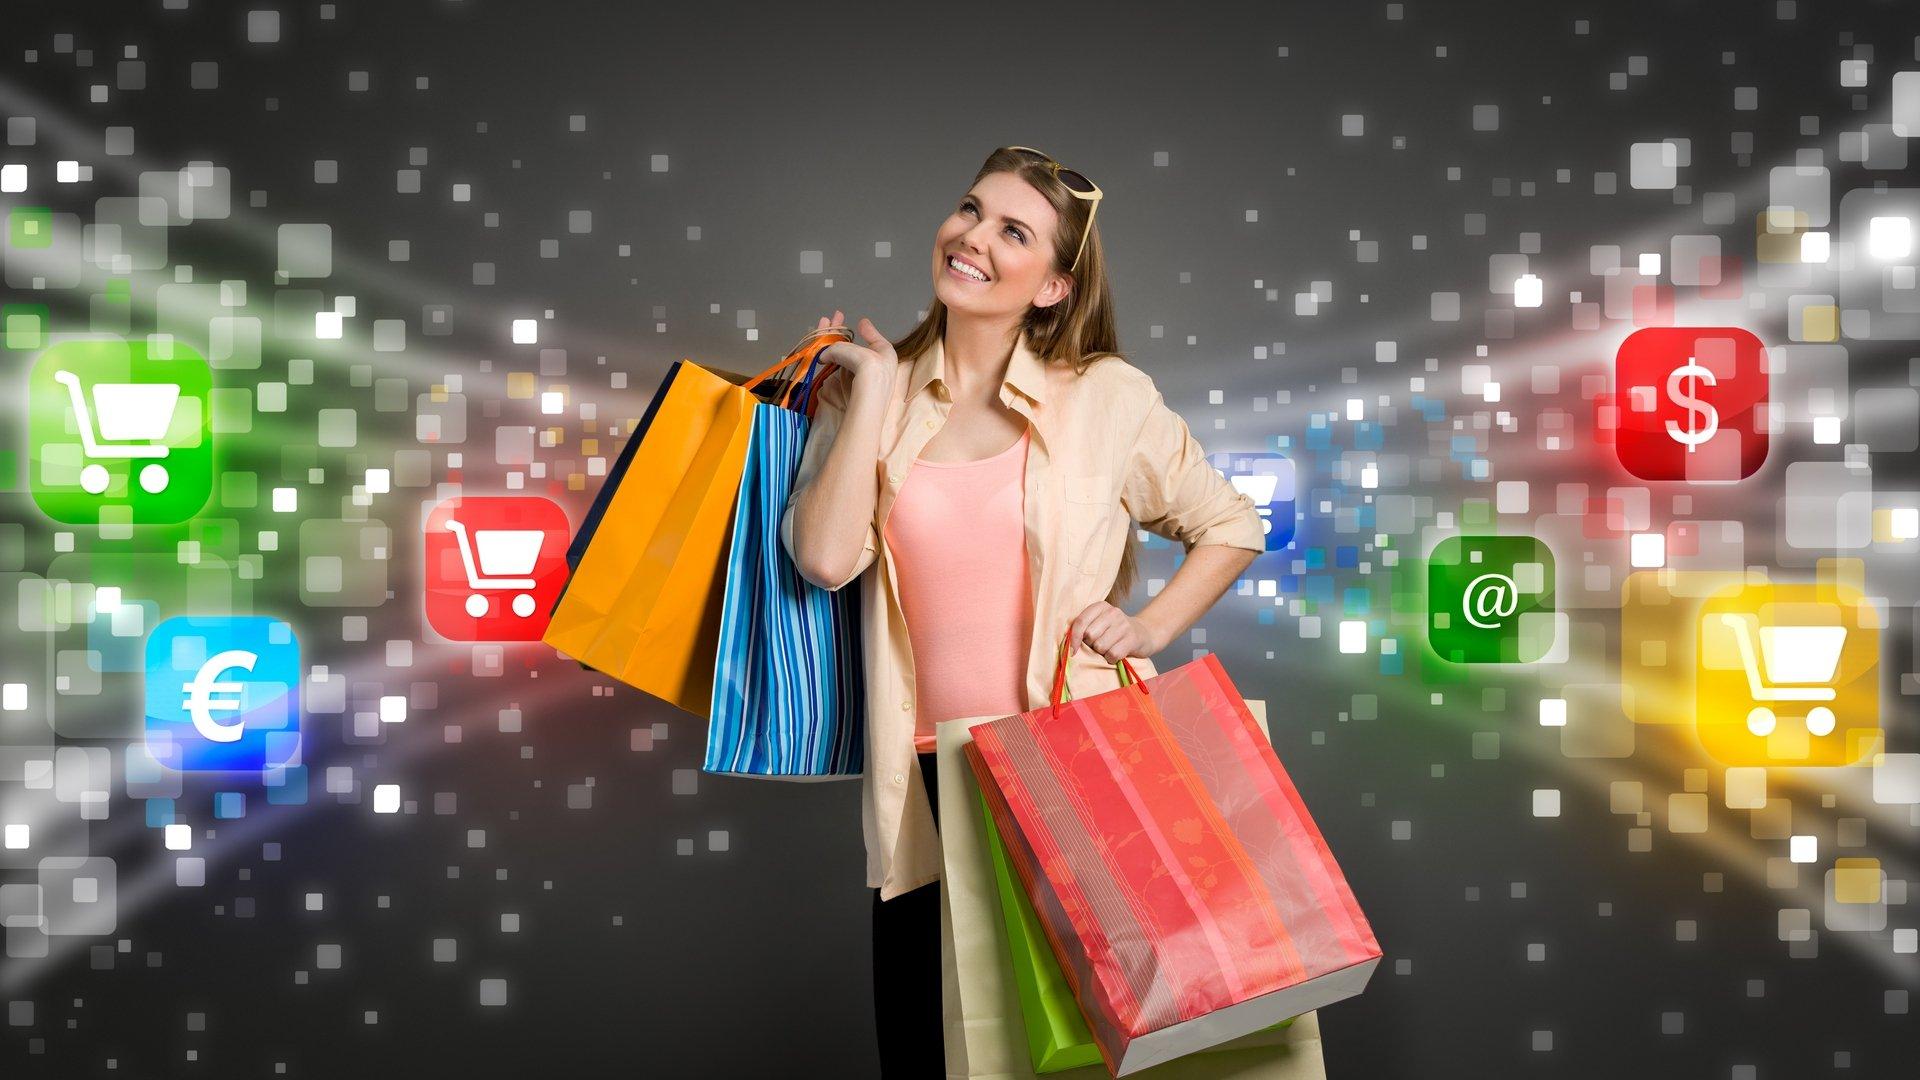 Онлайн-торговцев обяжут завершить внедрение е-коммерс